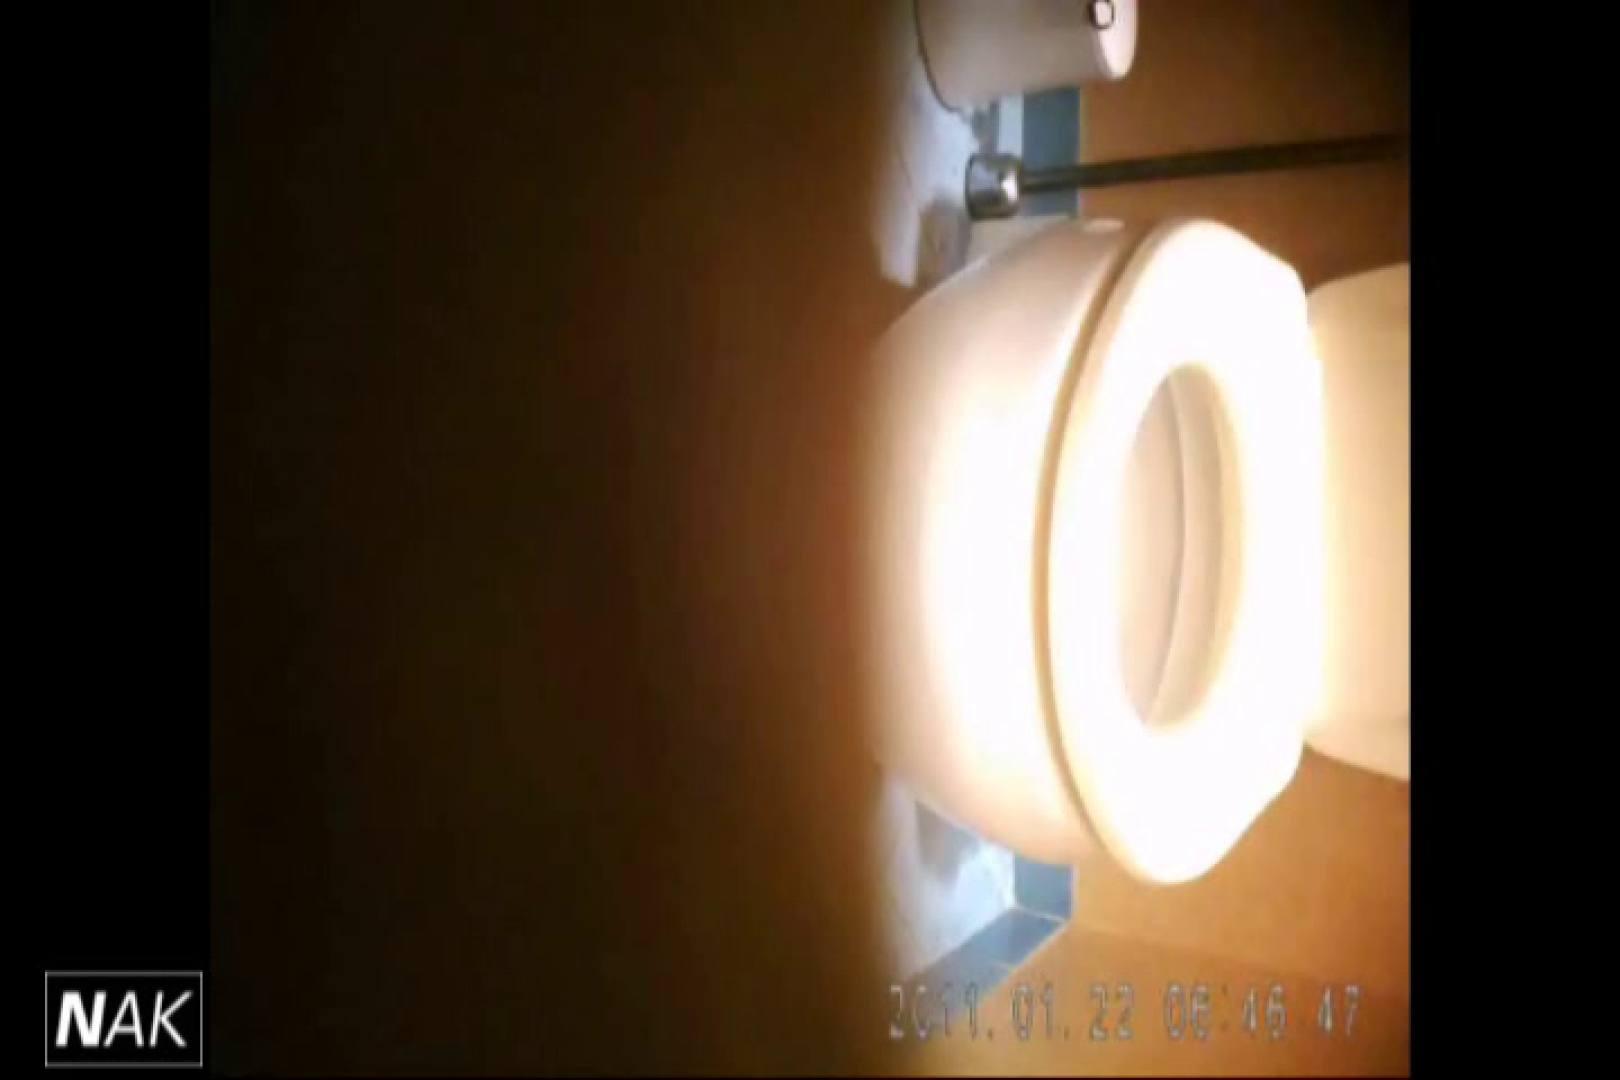 せん八さんの厠観察日記!2点監視カメラ 高画質5000K vol.09 厠 | リアル黄金水  90画像 76